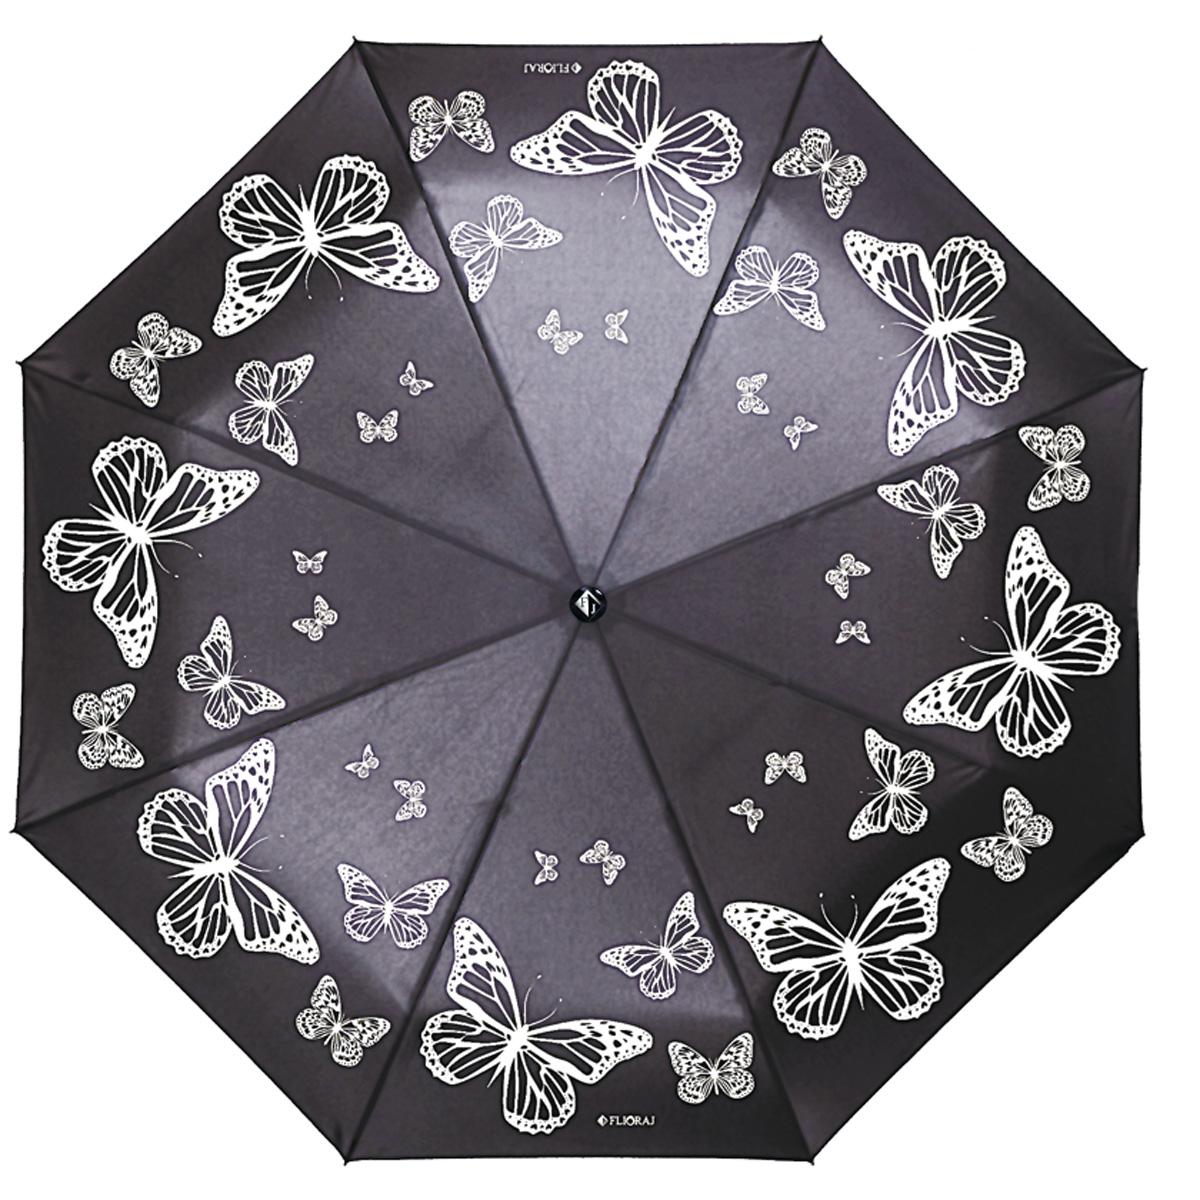 """Зонт женский Flioraj Под звуки вальса, автомат, 3 сложения, черный, белый190206 FJМодный автоматический зонт Flioraj """"Под звуки вальса"""" в 3 сложения отлично подойдет для ненастной погоды. """"Ветростойкий"""" каркас зонта, изготовленный из анодированной стали, состоит из восьми спиц и прочного стержня. Купол зонта с тефлоновой пропиткой выполнен из полиэстера и оформлен изображением бабочек. Модель оснащена рукояткой из пластика. Зонт имеет полный автоматический механизм сложения: купол открывается и закрывается нажатием кнопки на рукоятке, стержень складывается вручную до характерного щелчка. Благодаря этому открыть и закрыть зонт можно одной рукой, что чрезвычайно удобно при входе в транспорт или помещение. Небольшой шнурок, расположенный на рукоятке, позволяет надеть изделие на руку при необходимости. Модель закрывается при помощи хлястика на кнопке. Такой зонт не только надежно защитит вас от дождя, но и станет стильным аксессуаром, который идеально подчеркнет ваш неповторимый образ."""